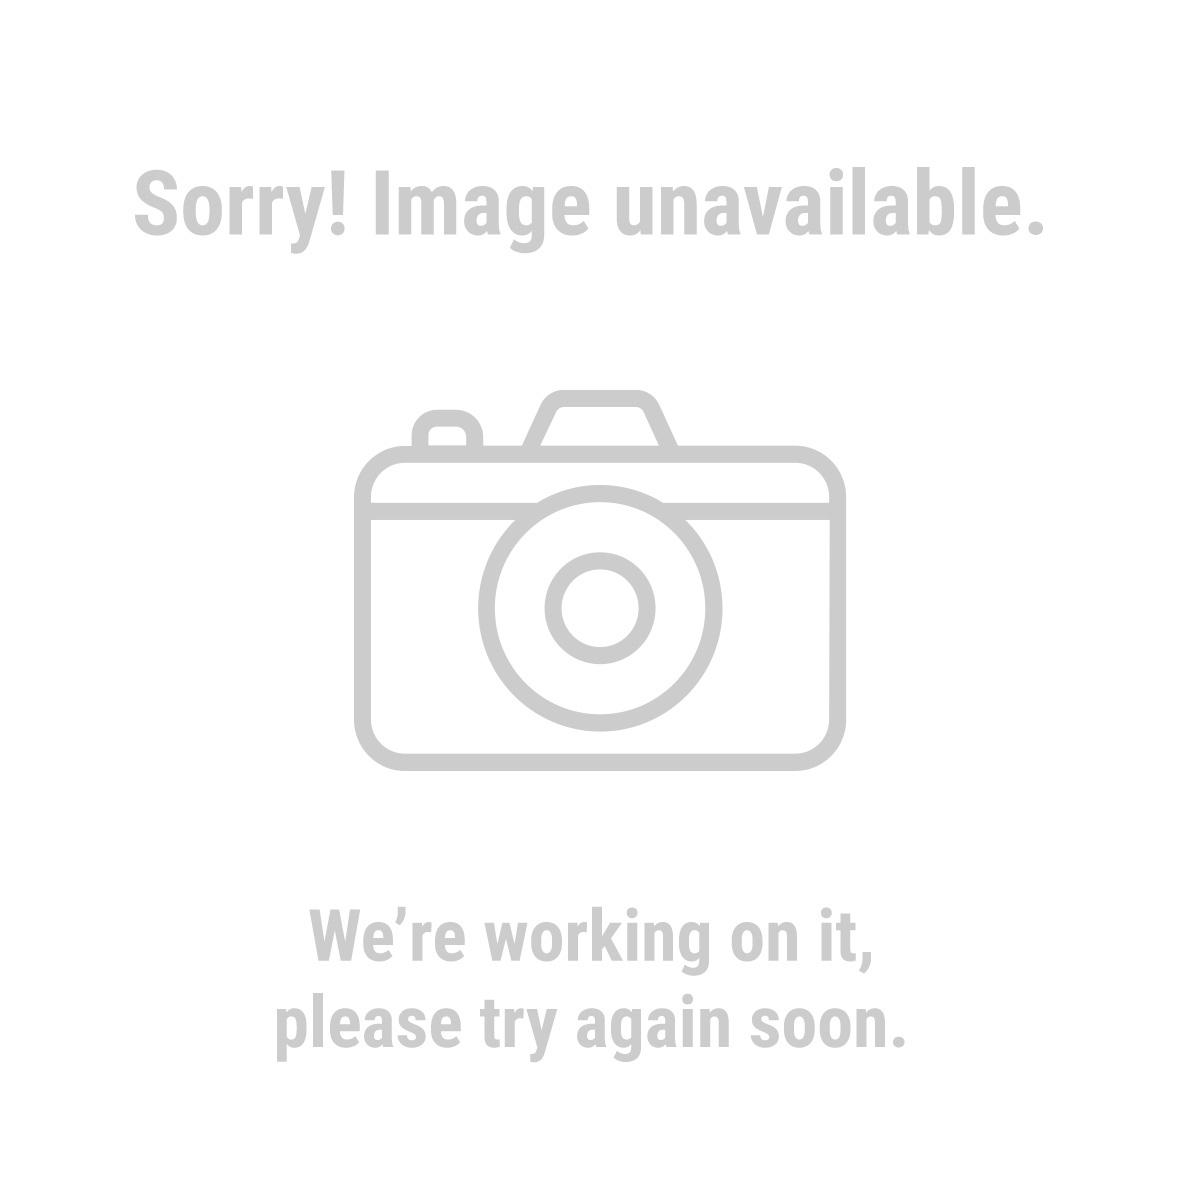 60351 Wireless Headphones